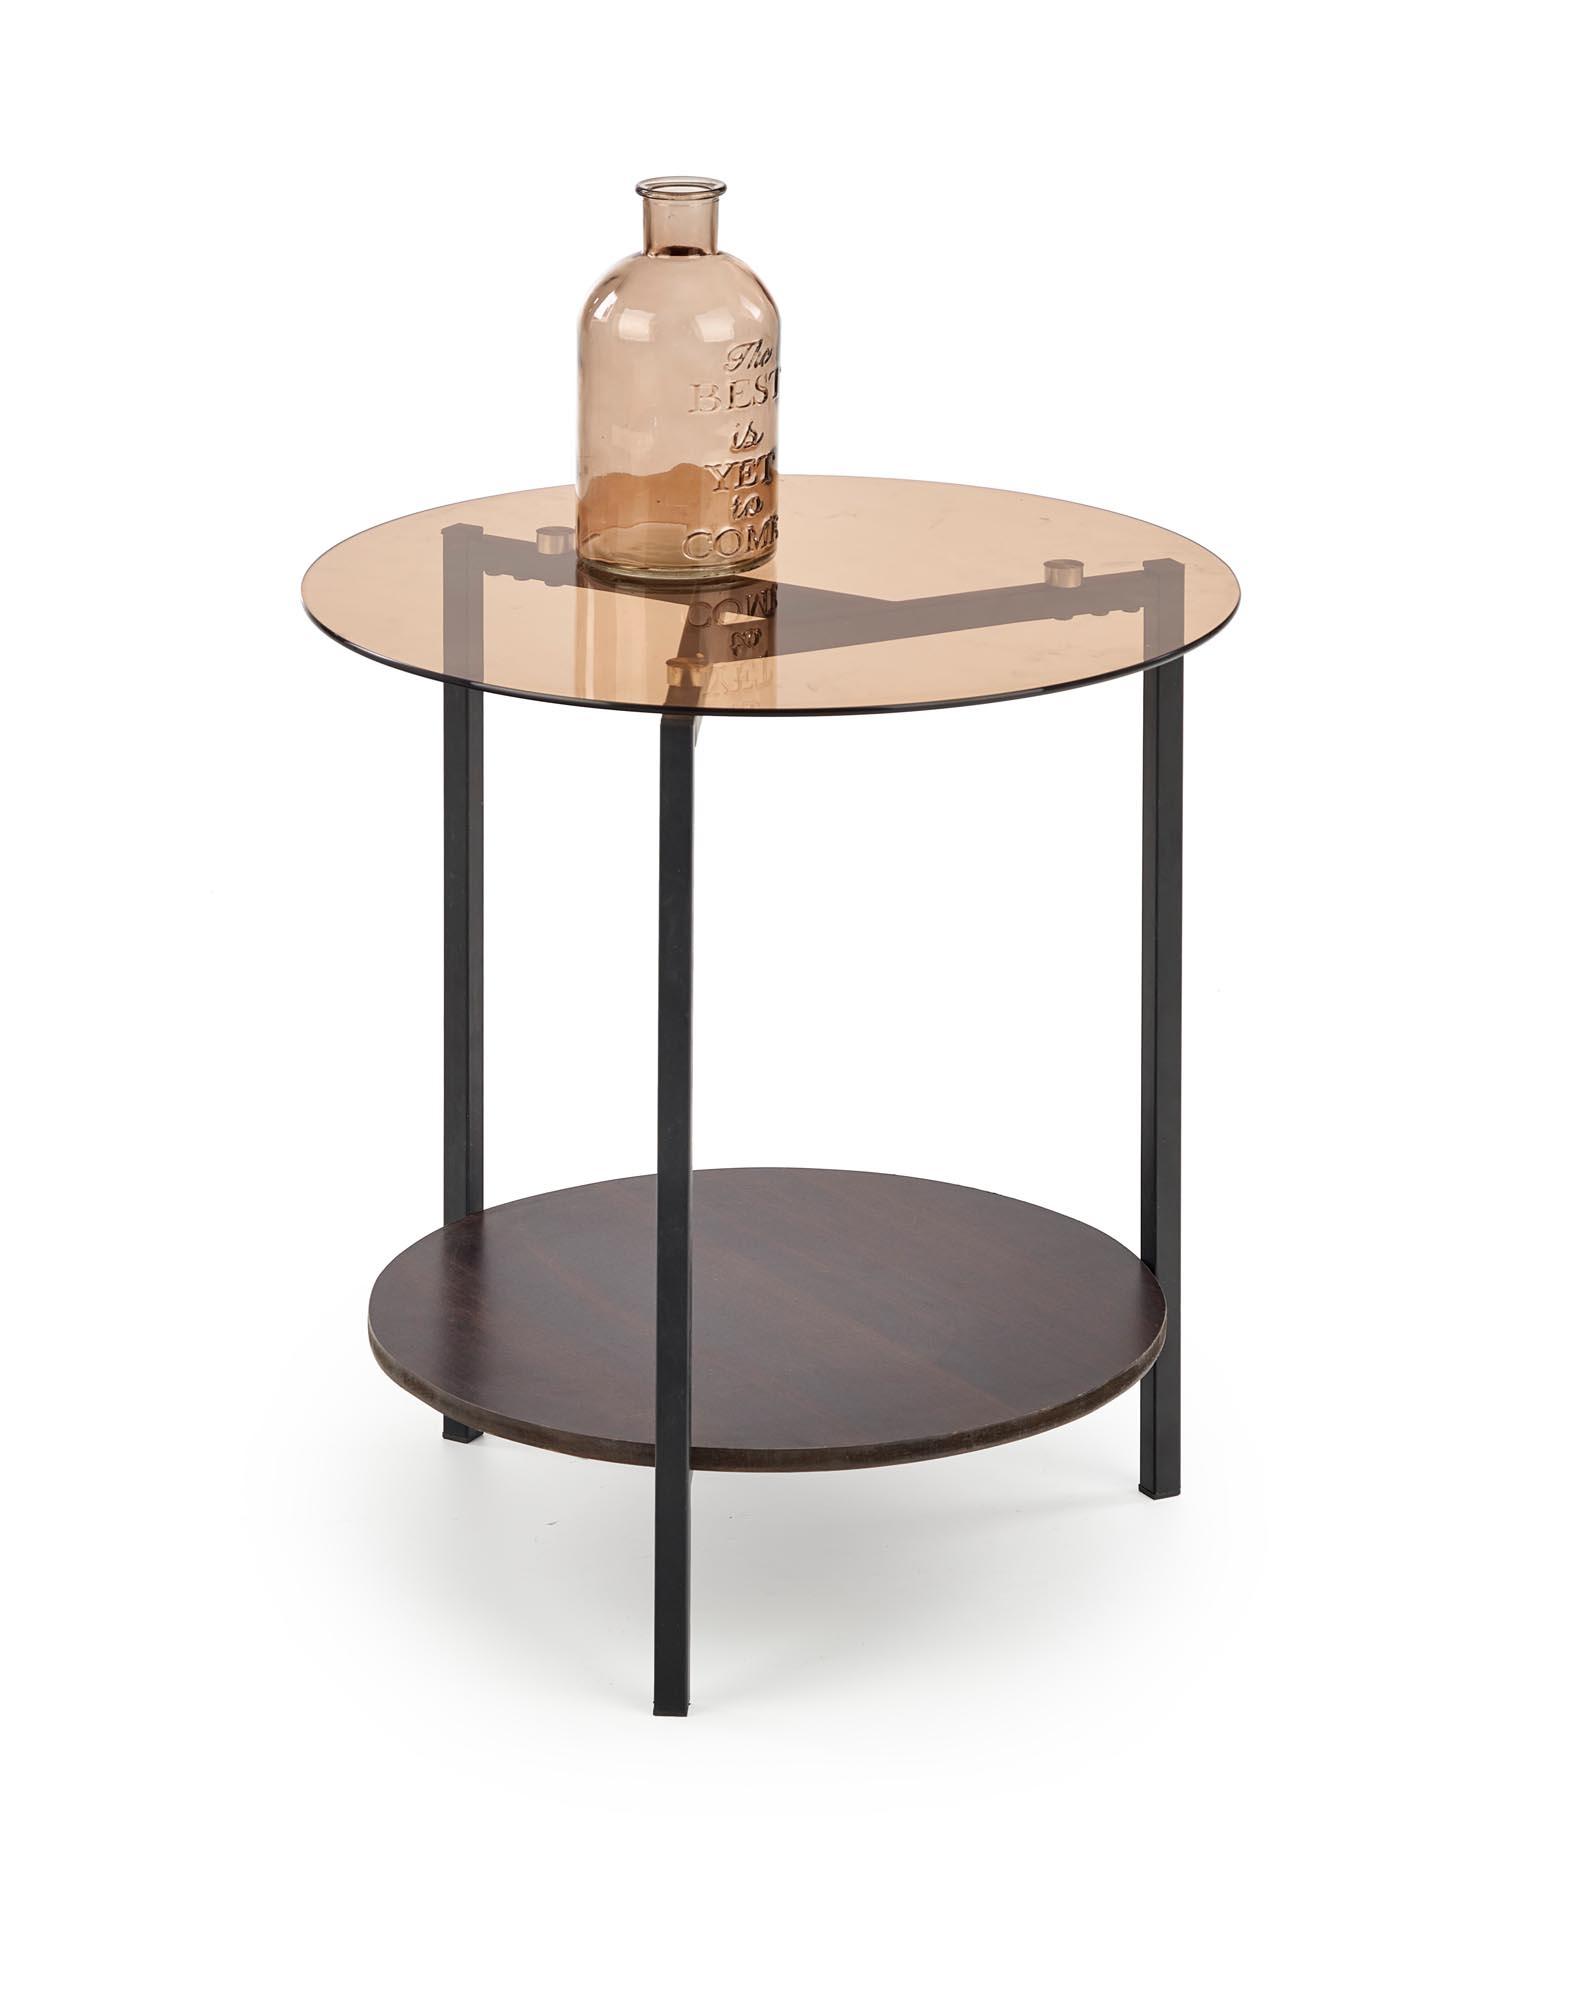 Masa de cafea din sticla, MDF si metal Girona Nuc / Negru, Ø47xH51 cm imagine